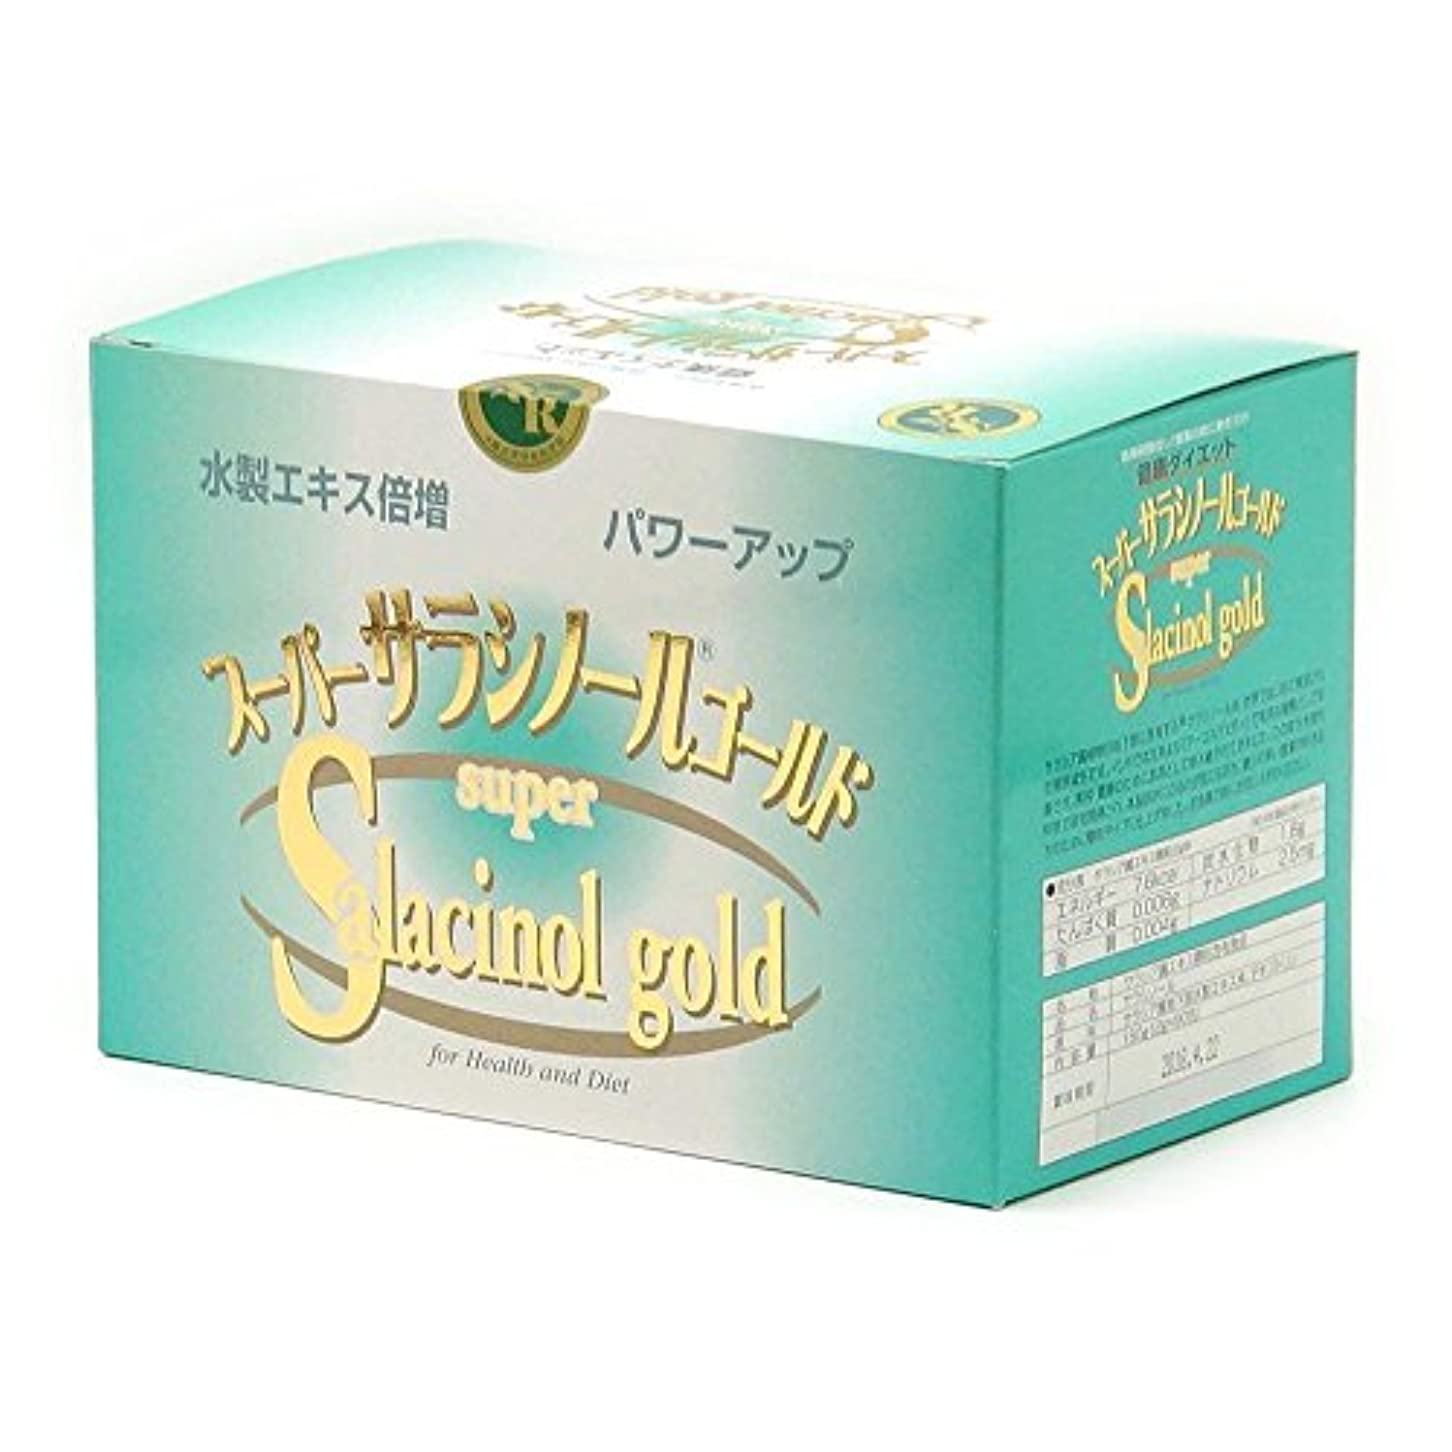 高層ビル仮説また明日ねスーパーサラシノールゴールド 2g×90包×3箱セット